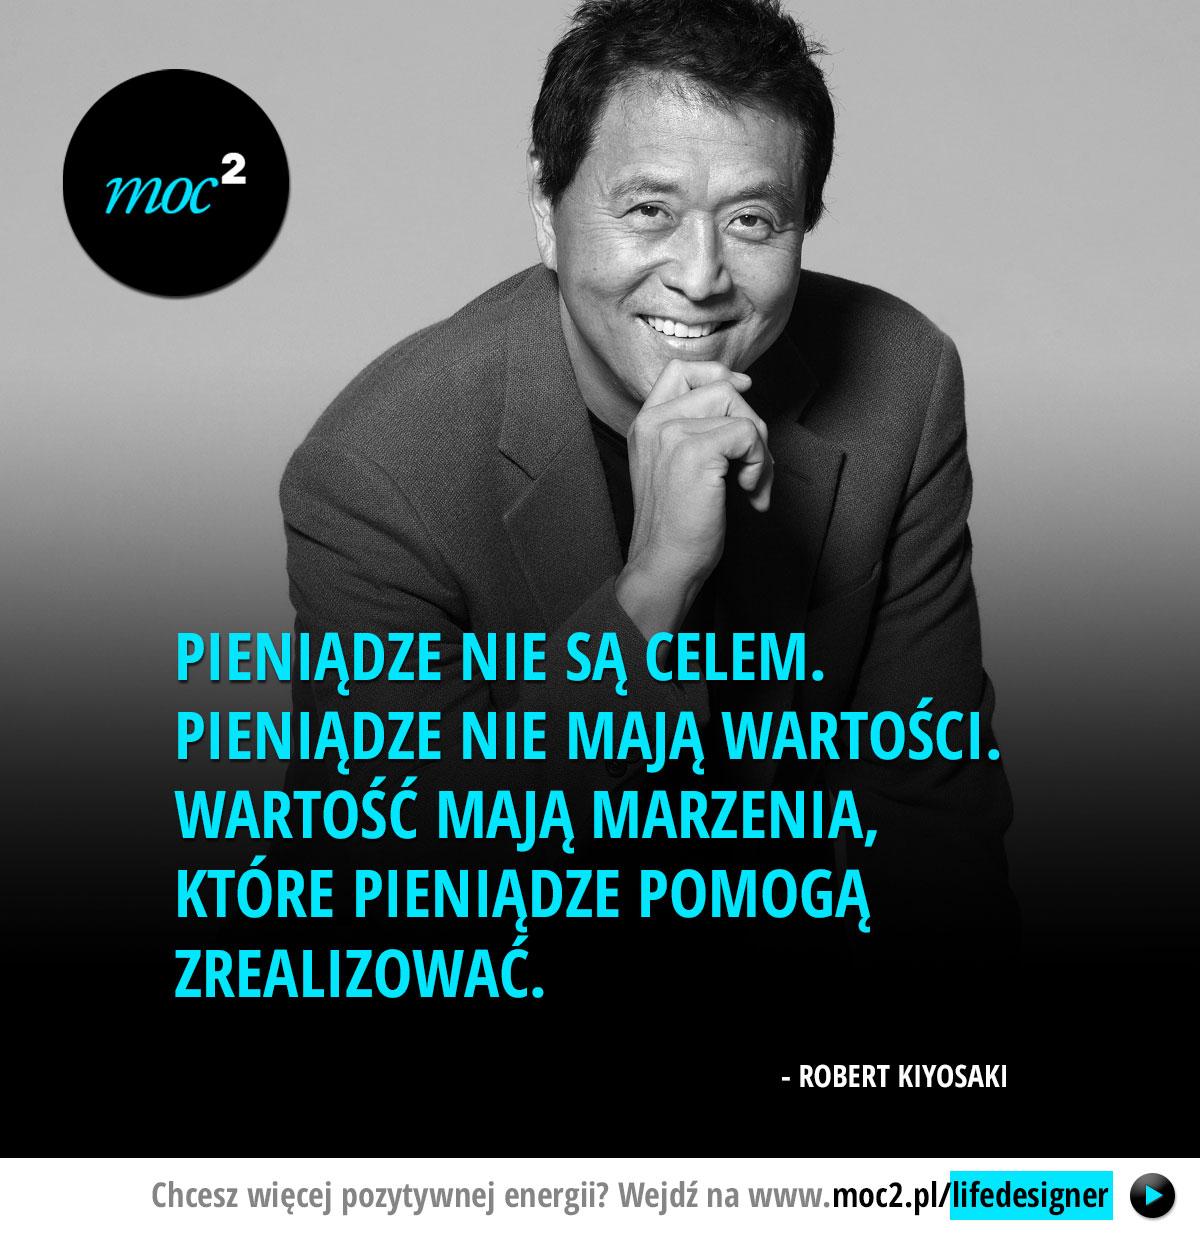 Pieniądze nie są celem. Pieniądze nie mają wartości. Wartość mają marzenia, które pieniądze pomogą zrealizować. –Robert Kiyosaki